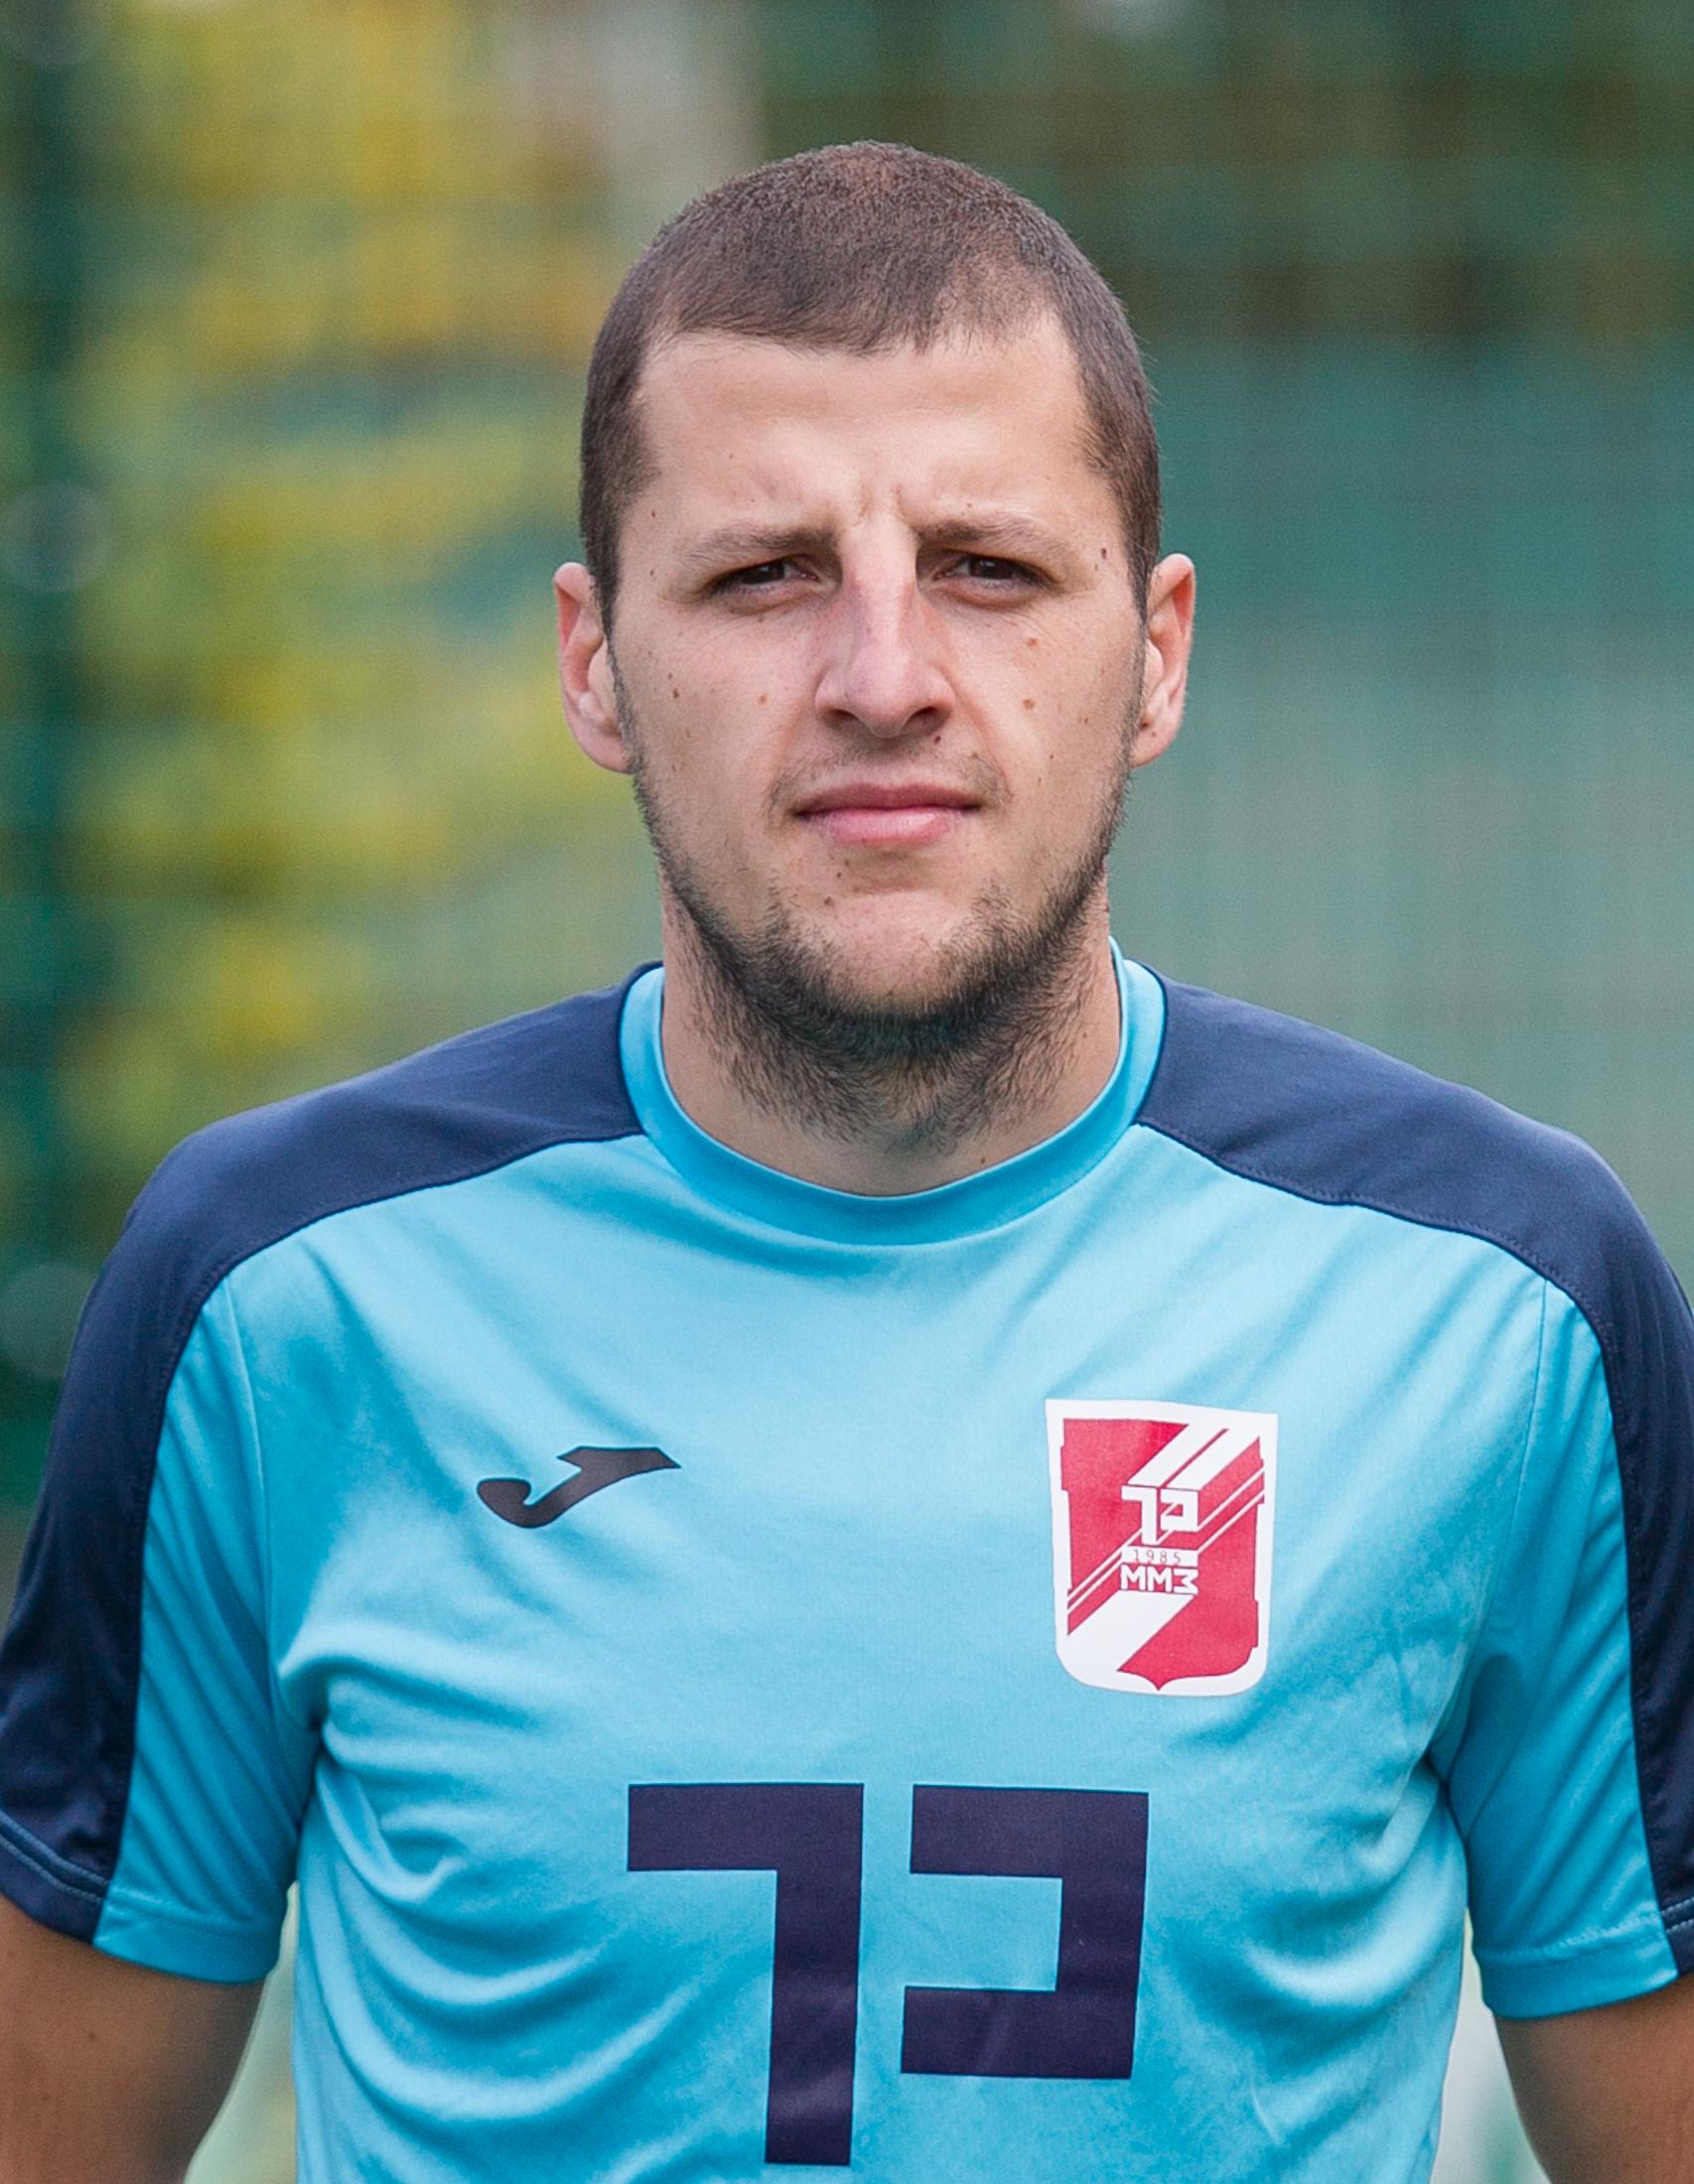 Резник Владислав